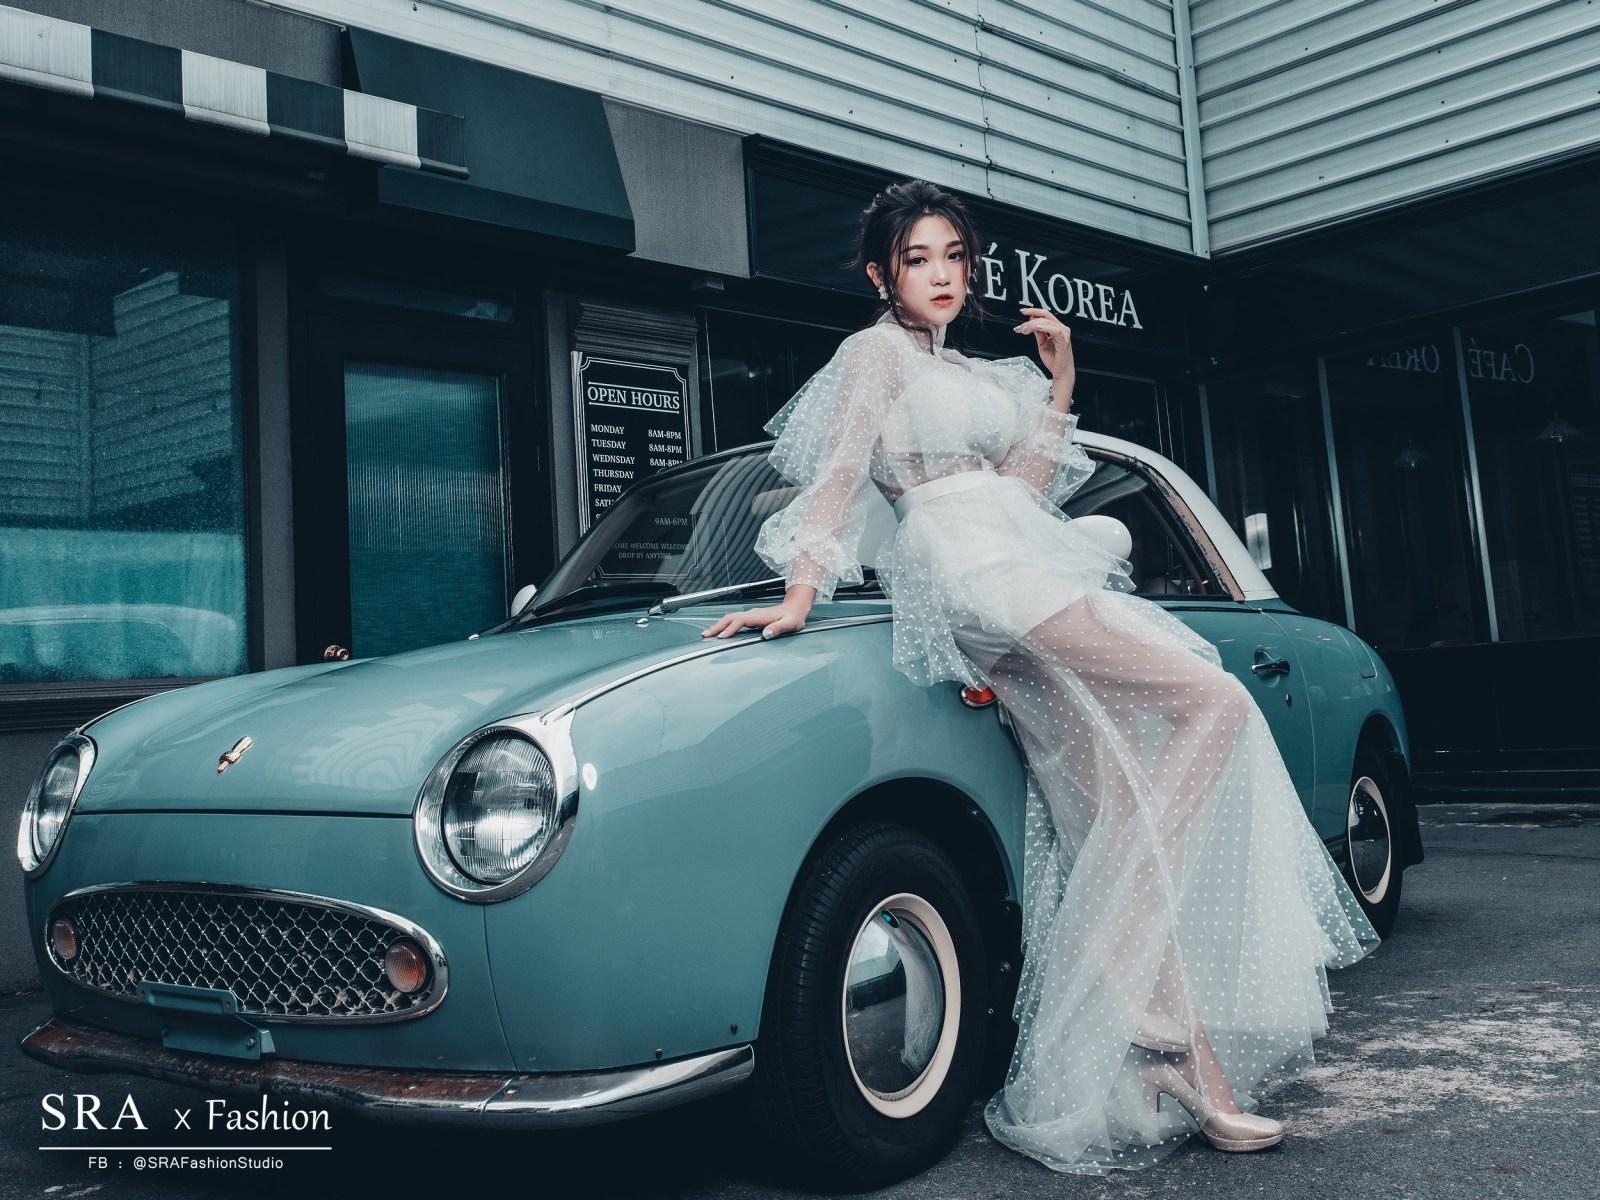 手工婚紗,婚紗攝影,婚紗照風格,手工白紗,白紗禮服推薦